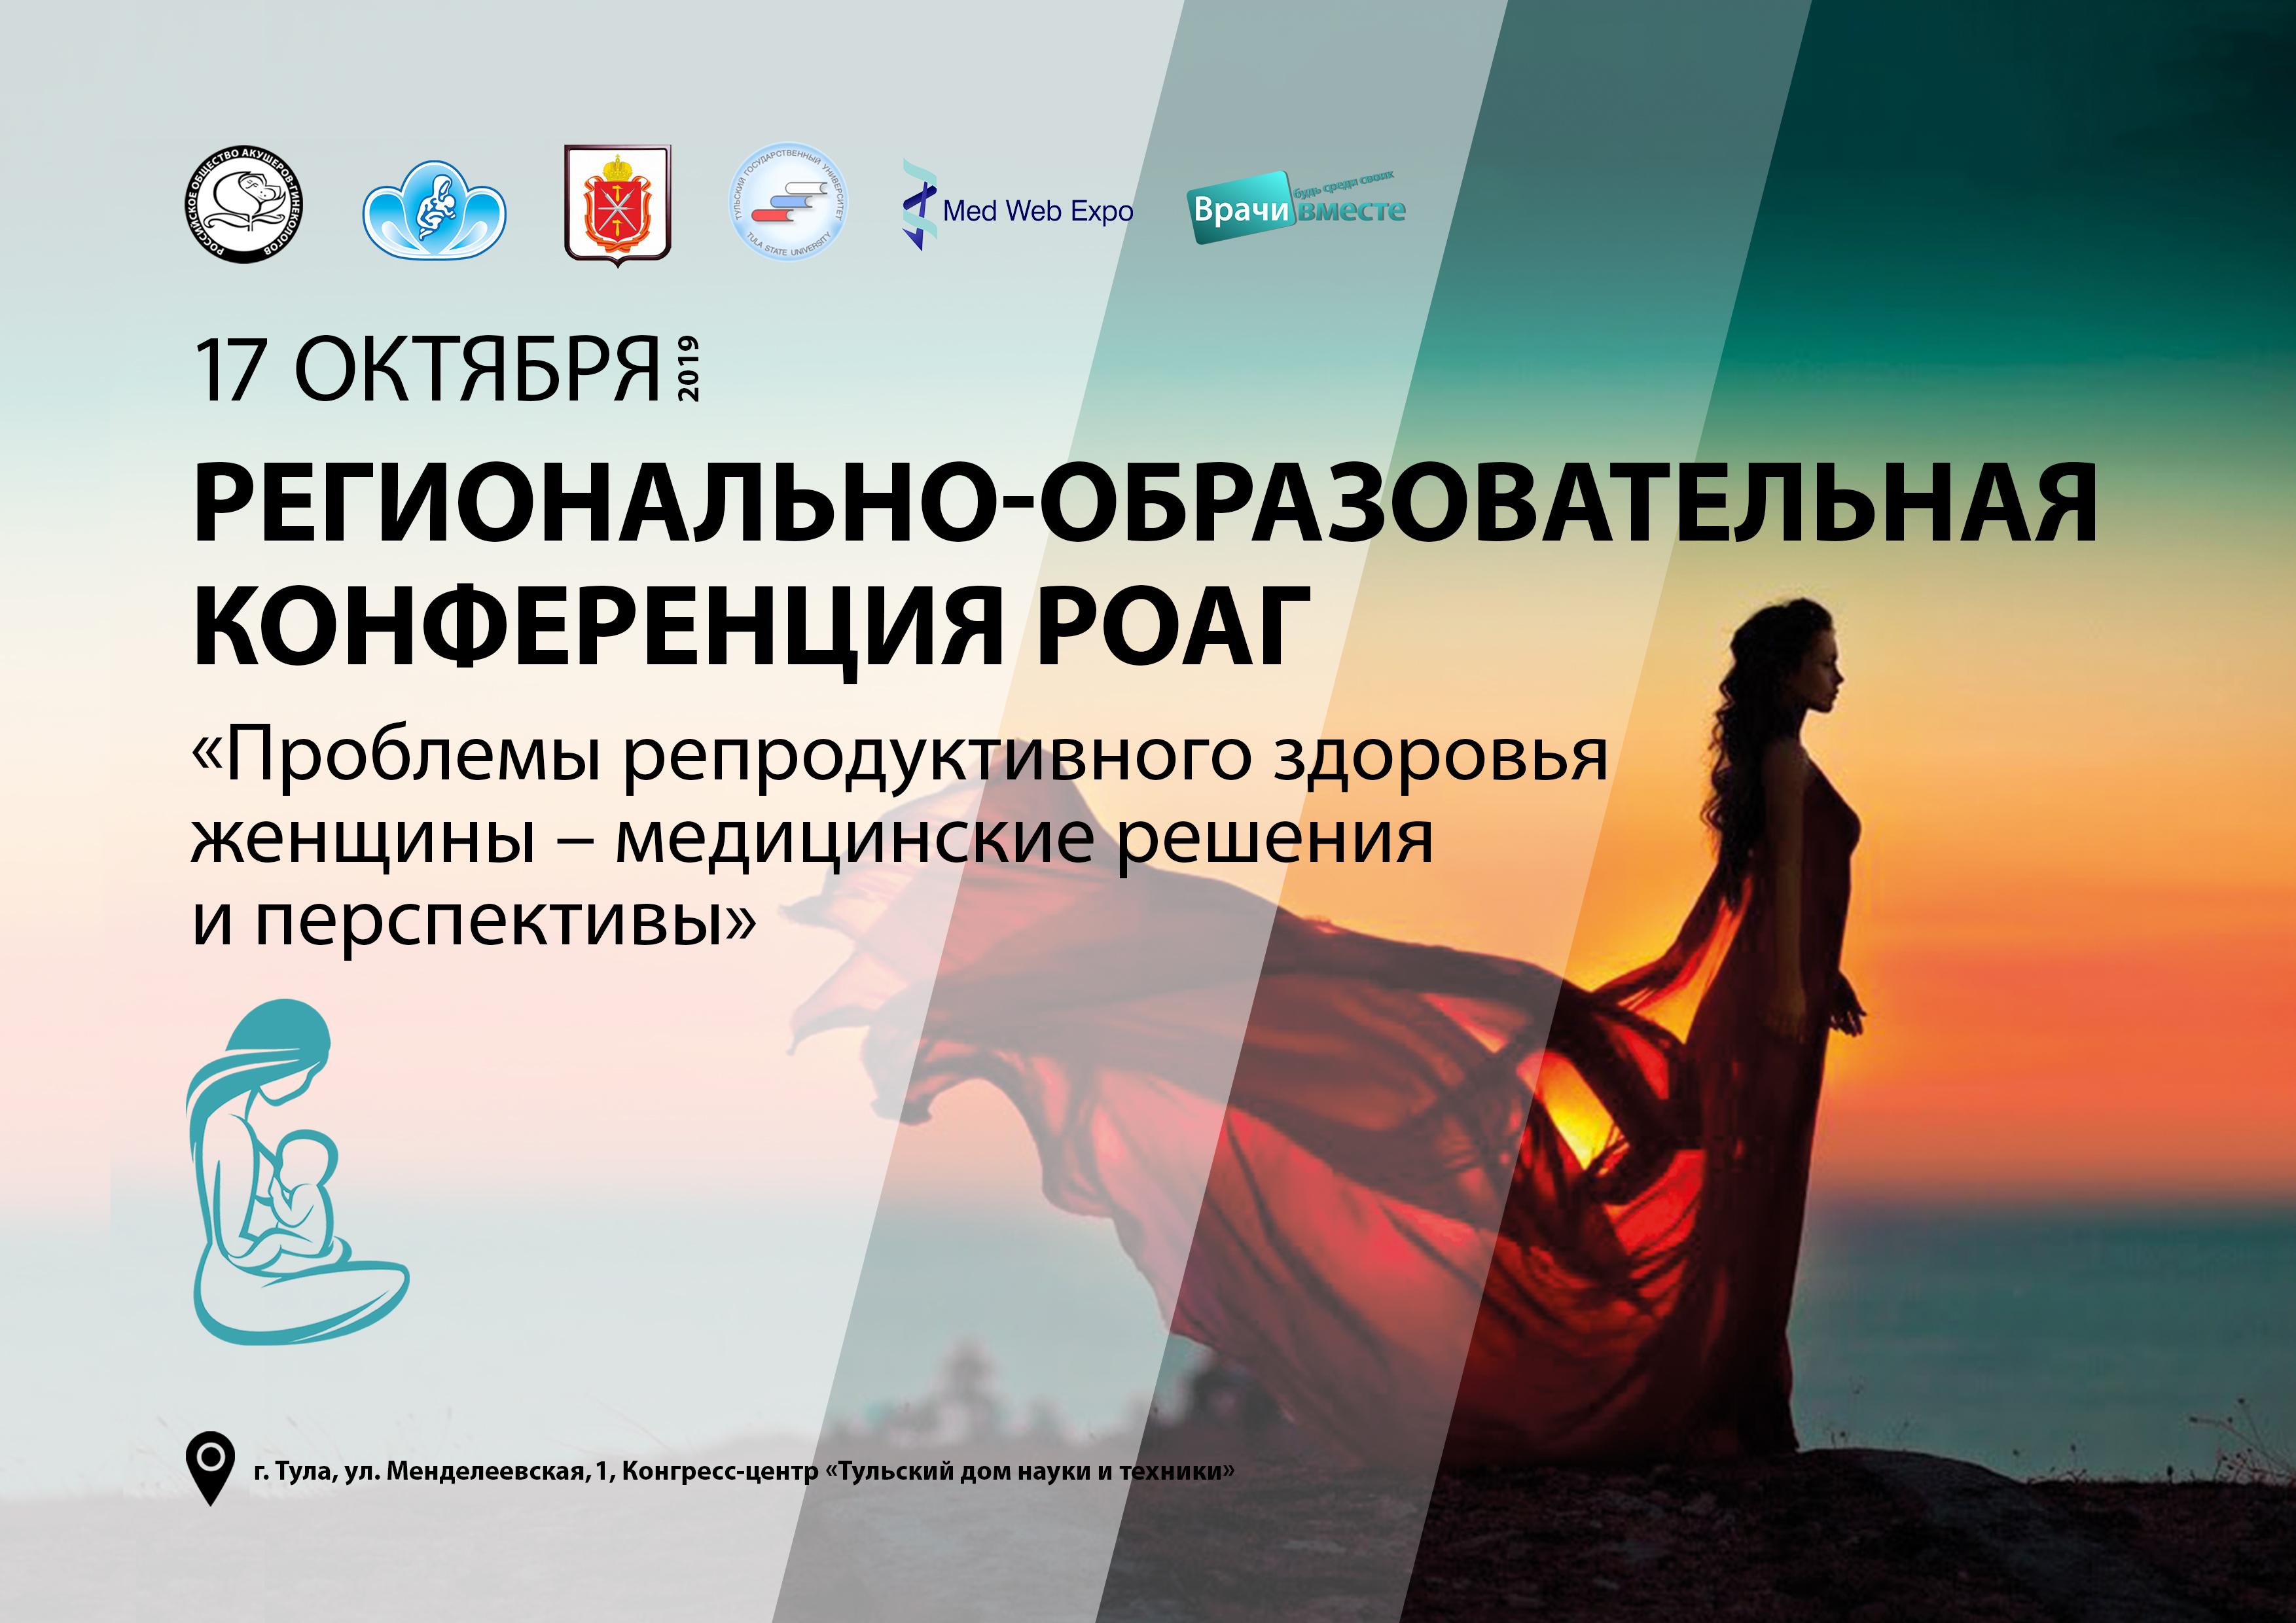 17 октября 2019 года в Доме науки и техники состоялась научно-практическая конференция РОАГ «Проблемы репродуктивного здоровья женщины – медицинские решения и перспективы»